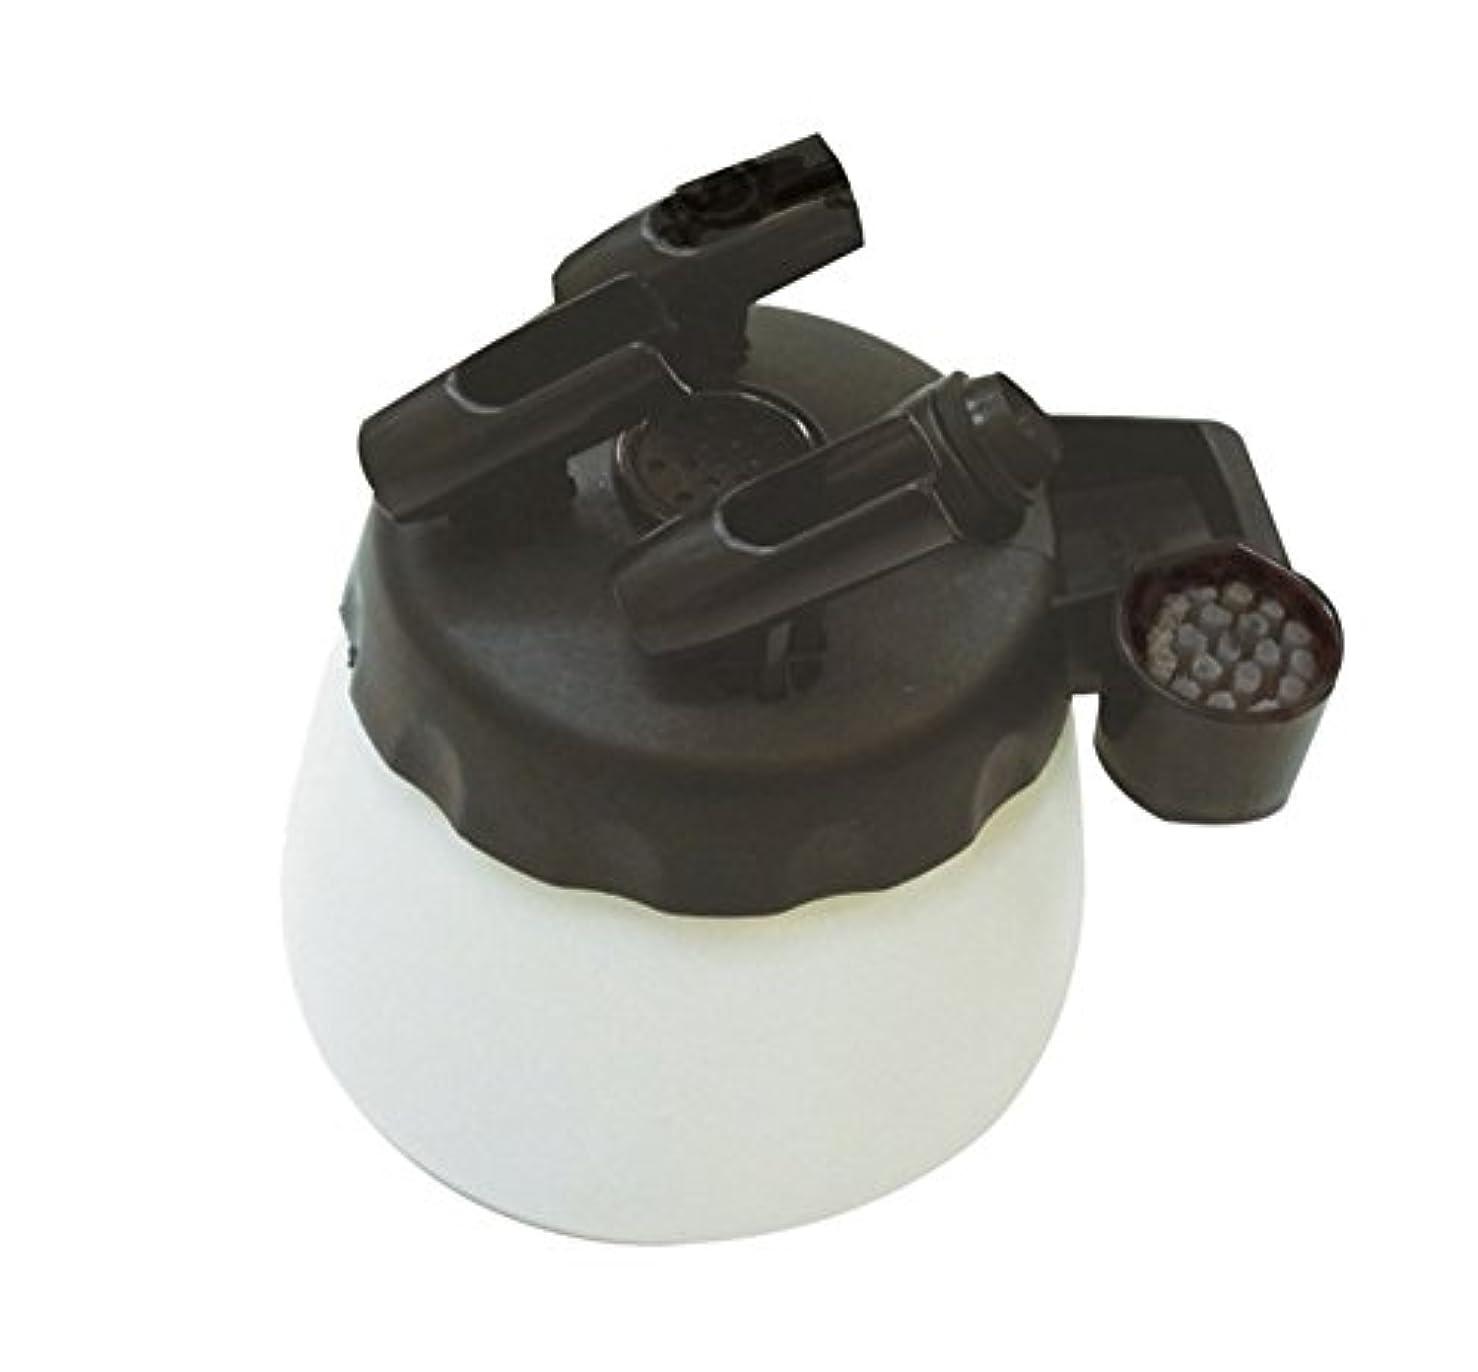 ミット商品所有権AIRTEX クリーナーボトル ケトル2 エアブラシ洗浄